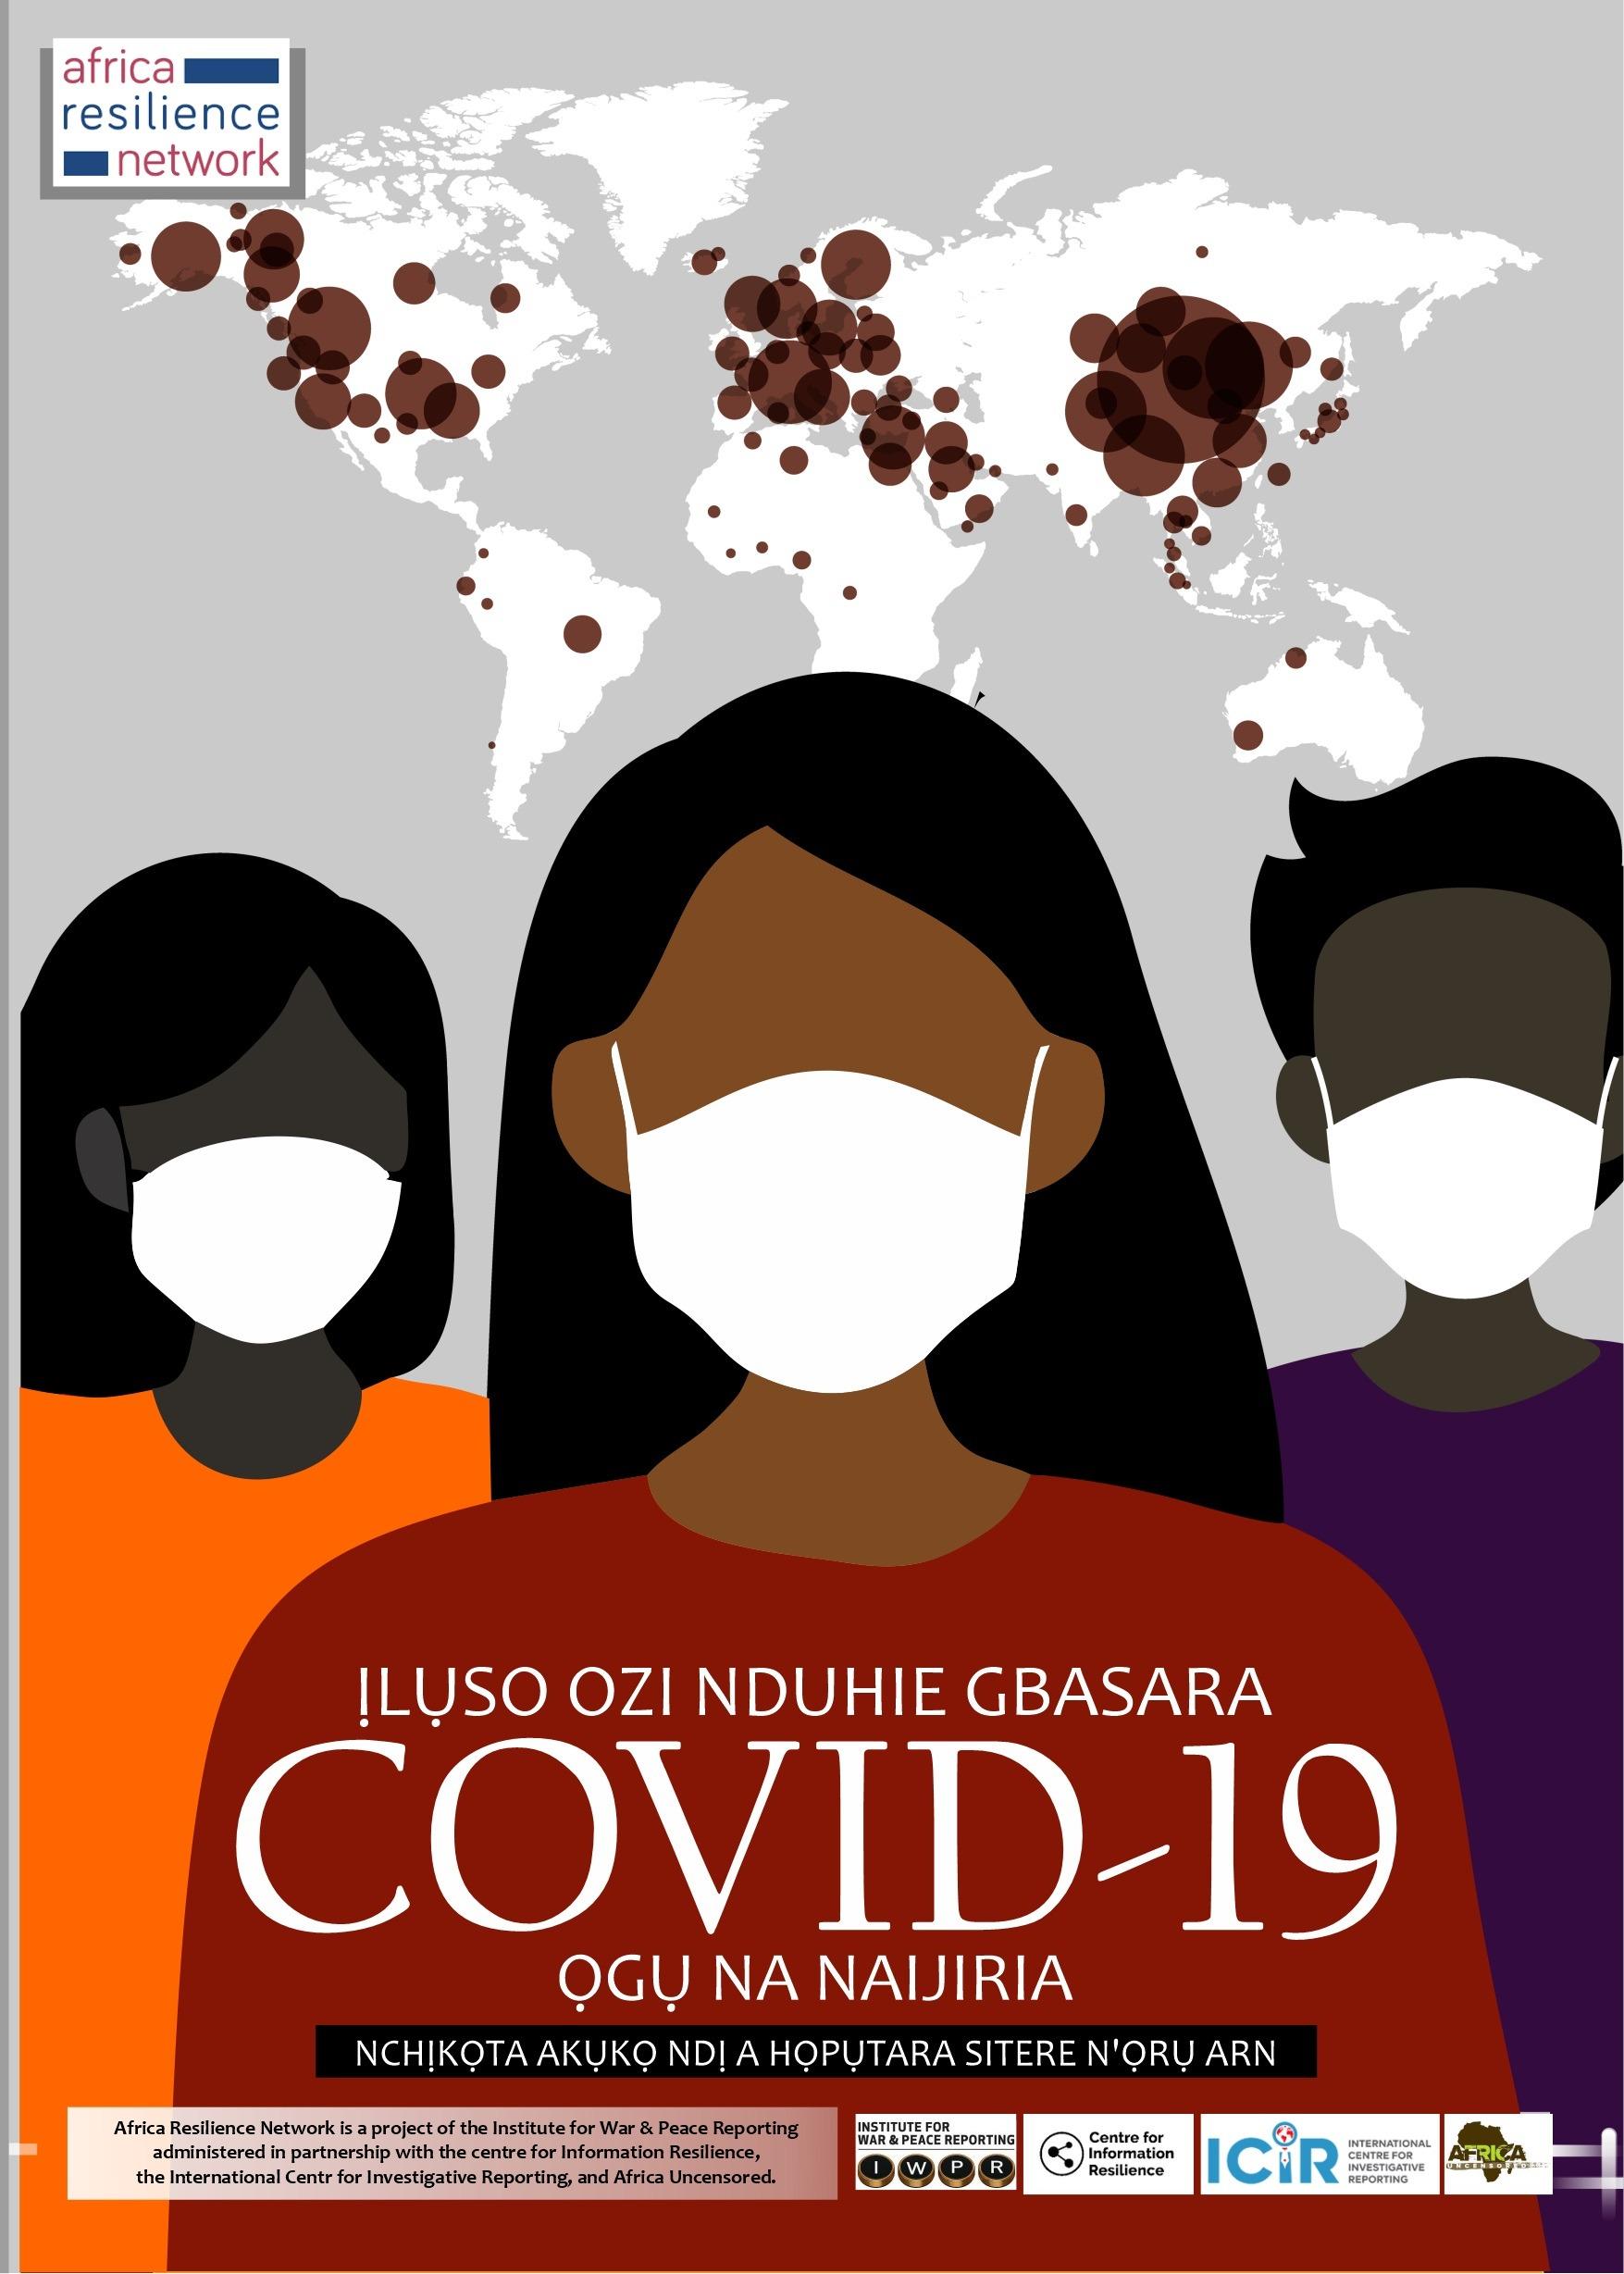 Ịlụso Ozi Nduhie Gbasara COVID-19 Ọgụ Na Naijiria